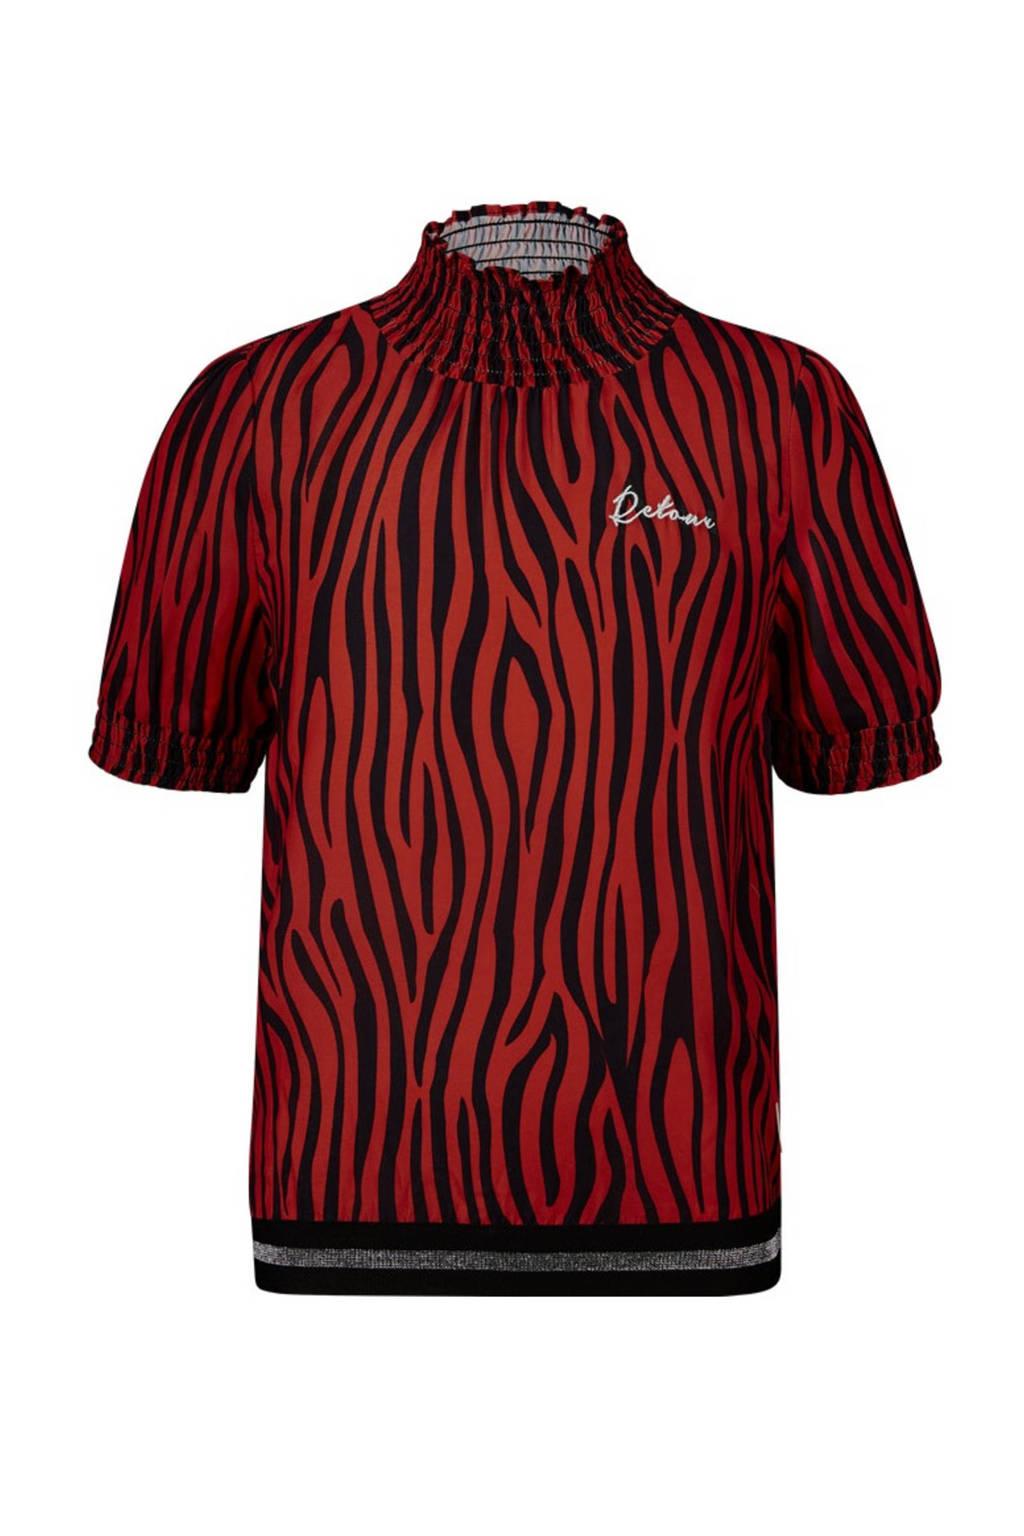 Retour Denim top Fleur met zebraprint rood/zwart, Rood/zwart